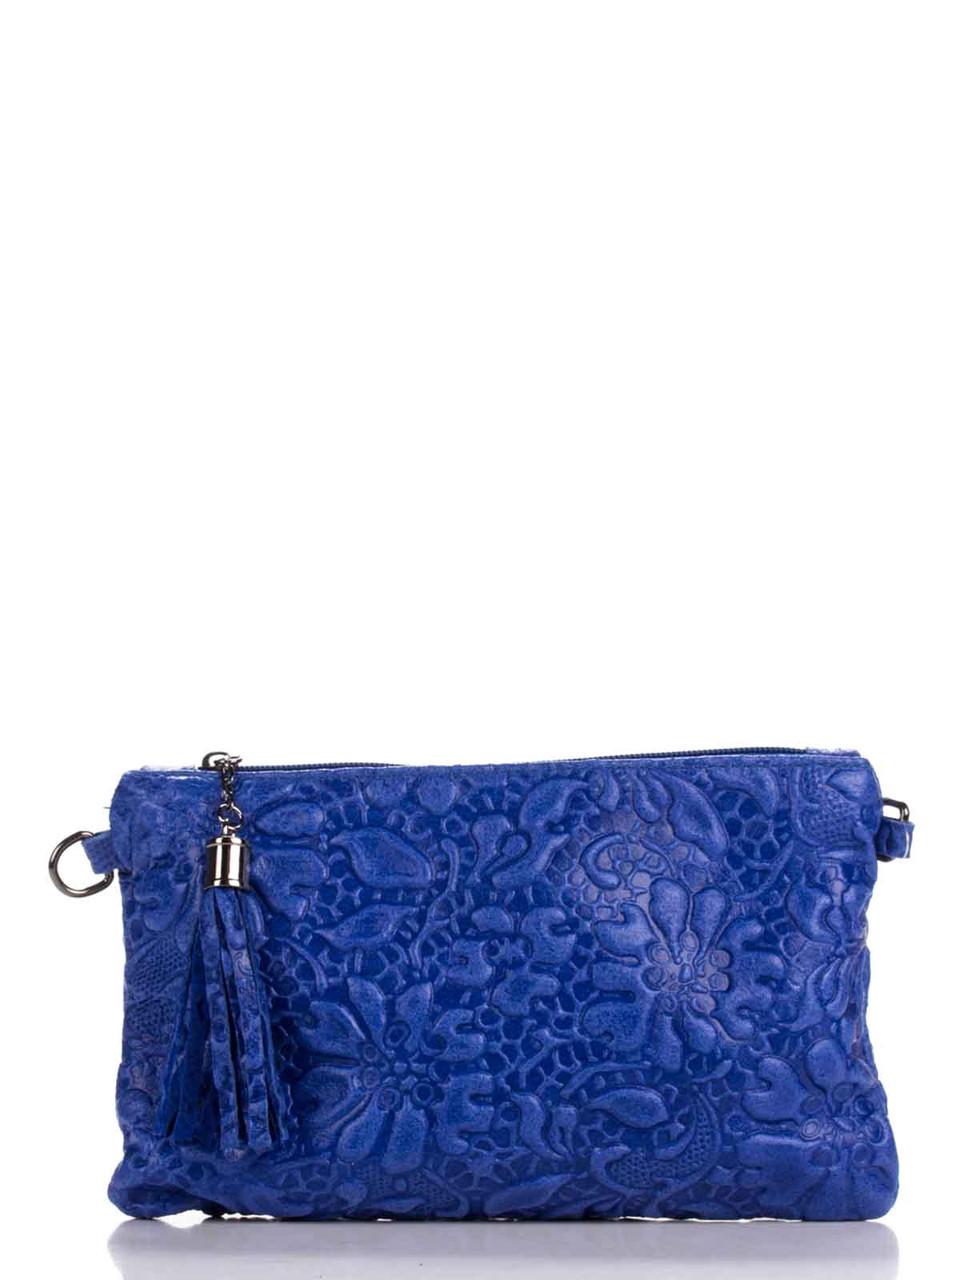 Женская кожаная сумка KISHA Diva's Bag цвет синий